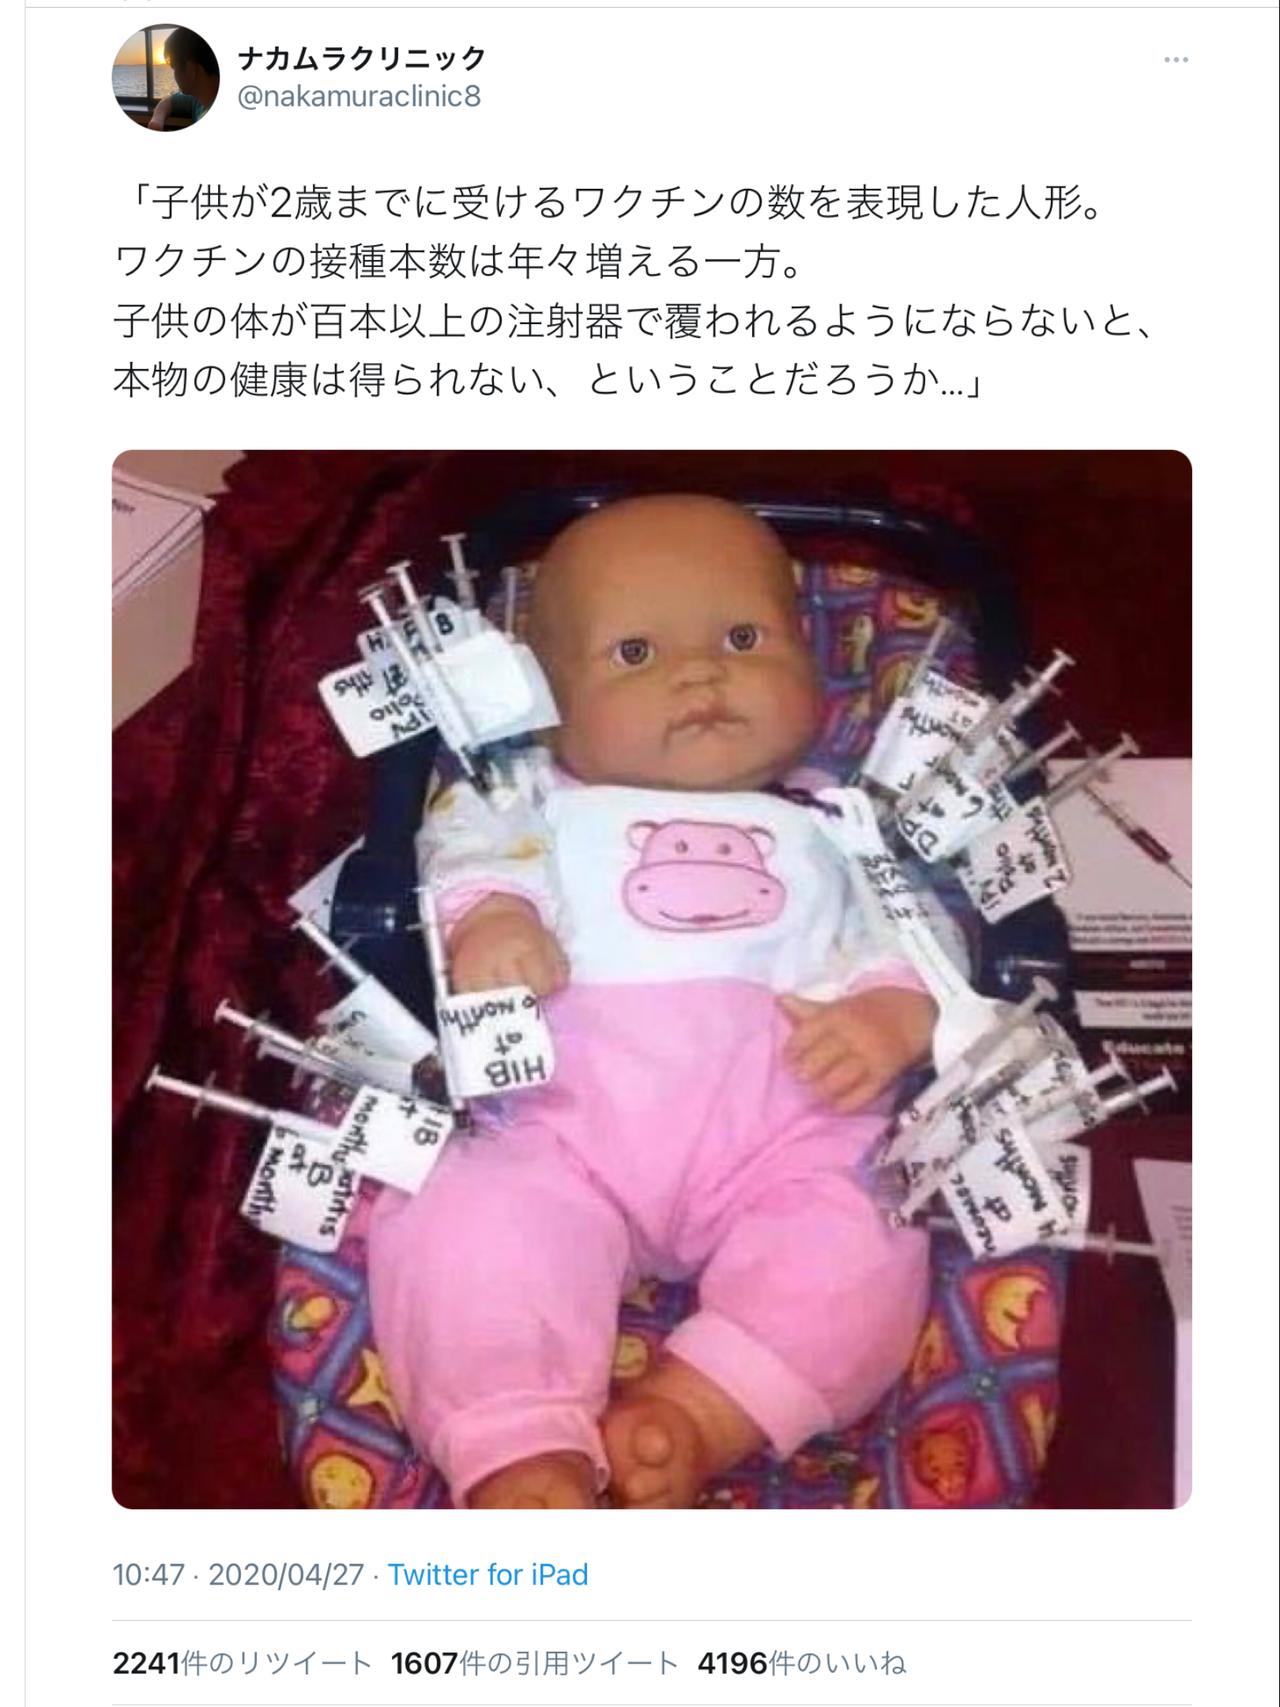 ナカムラ クリニック twitter